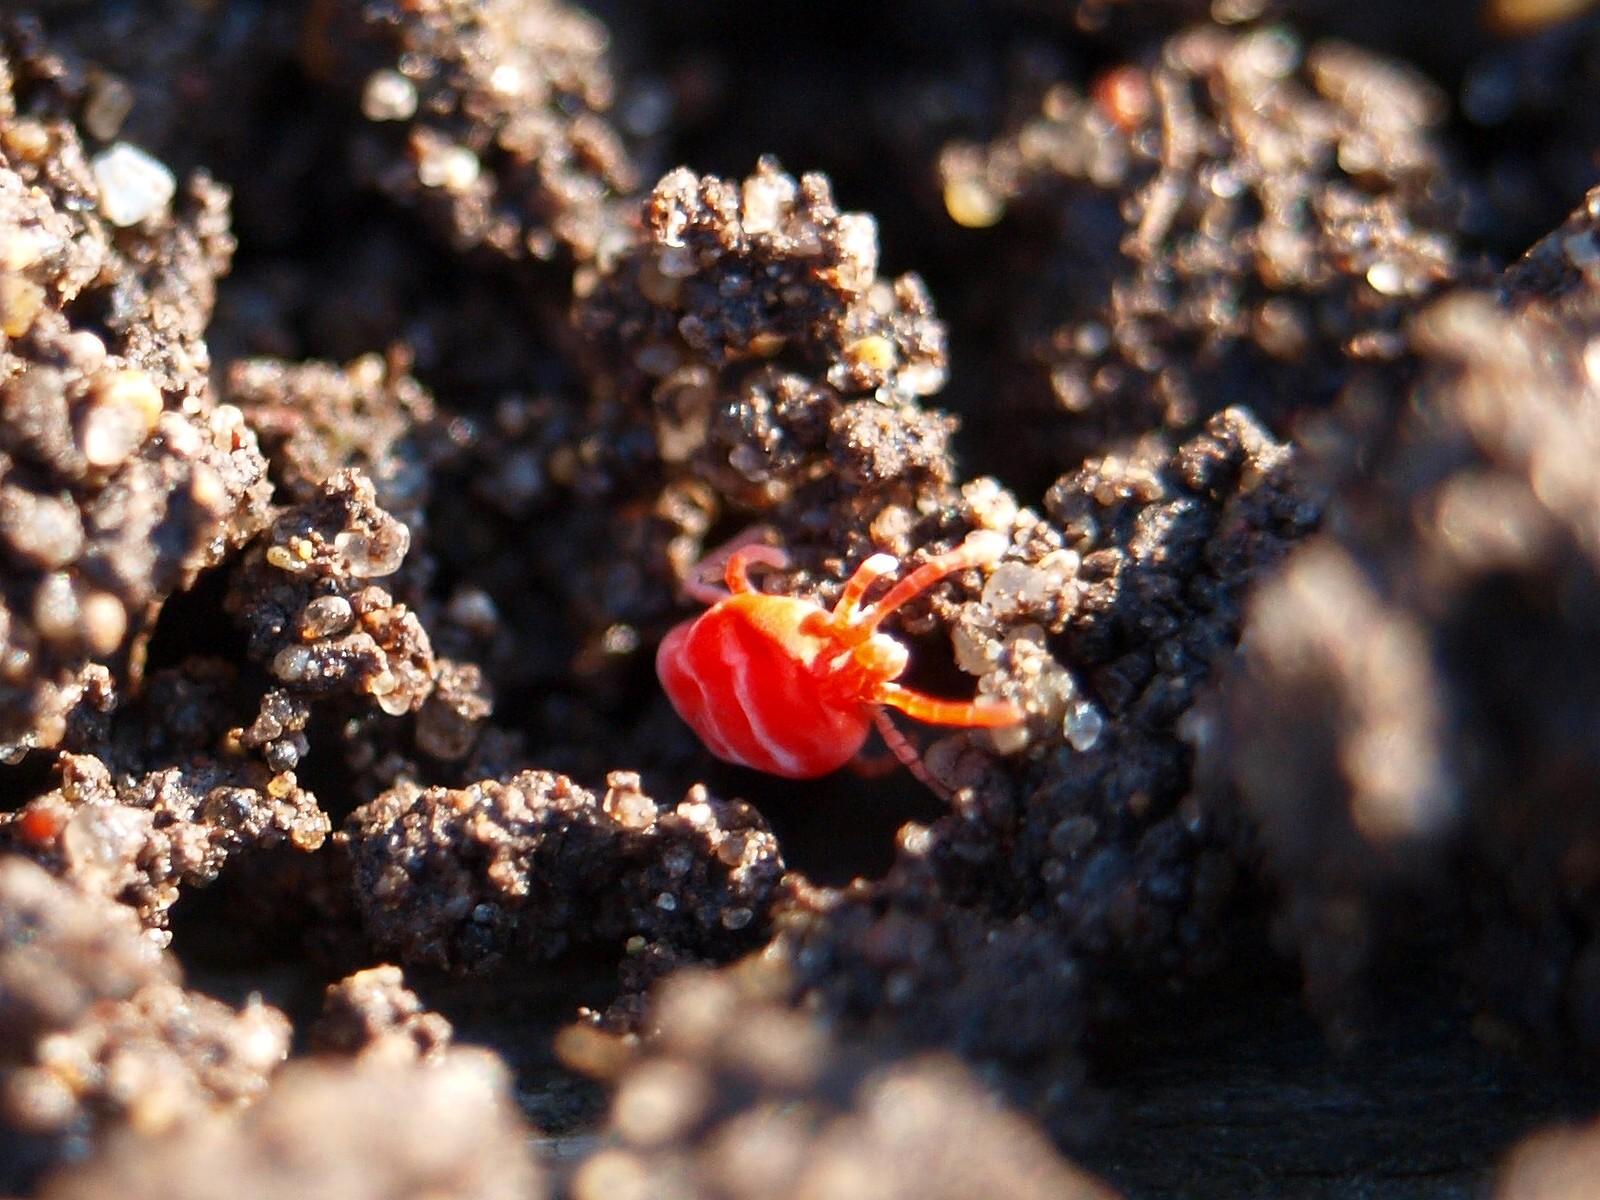 Жители забора, паучьи консервы и красный земляной клещик